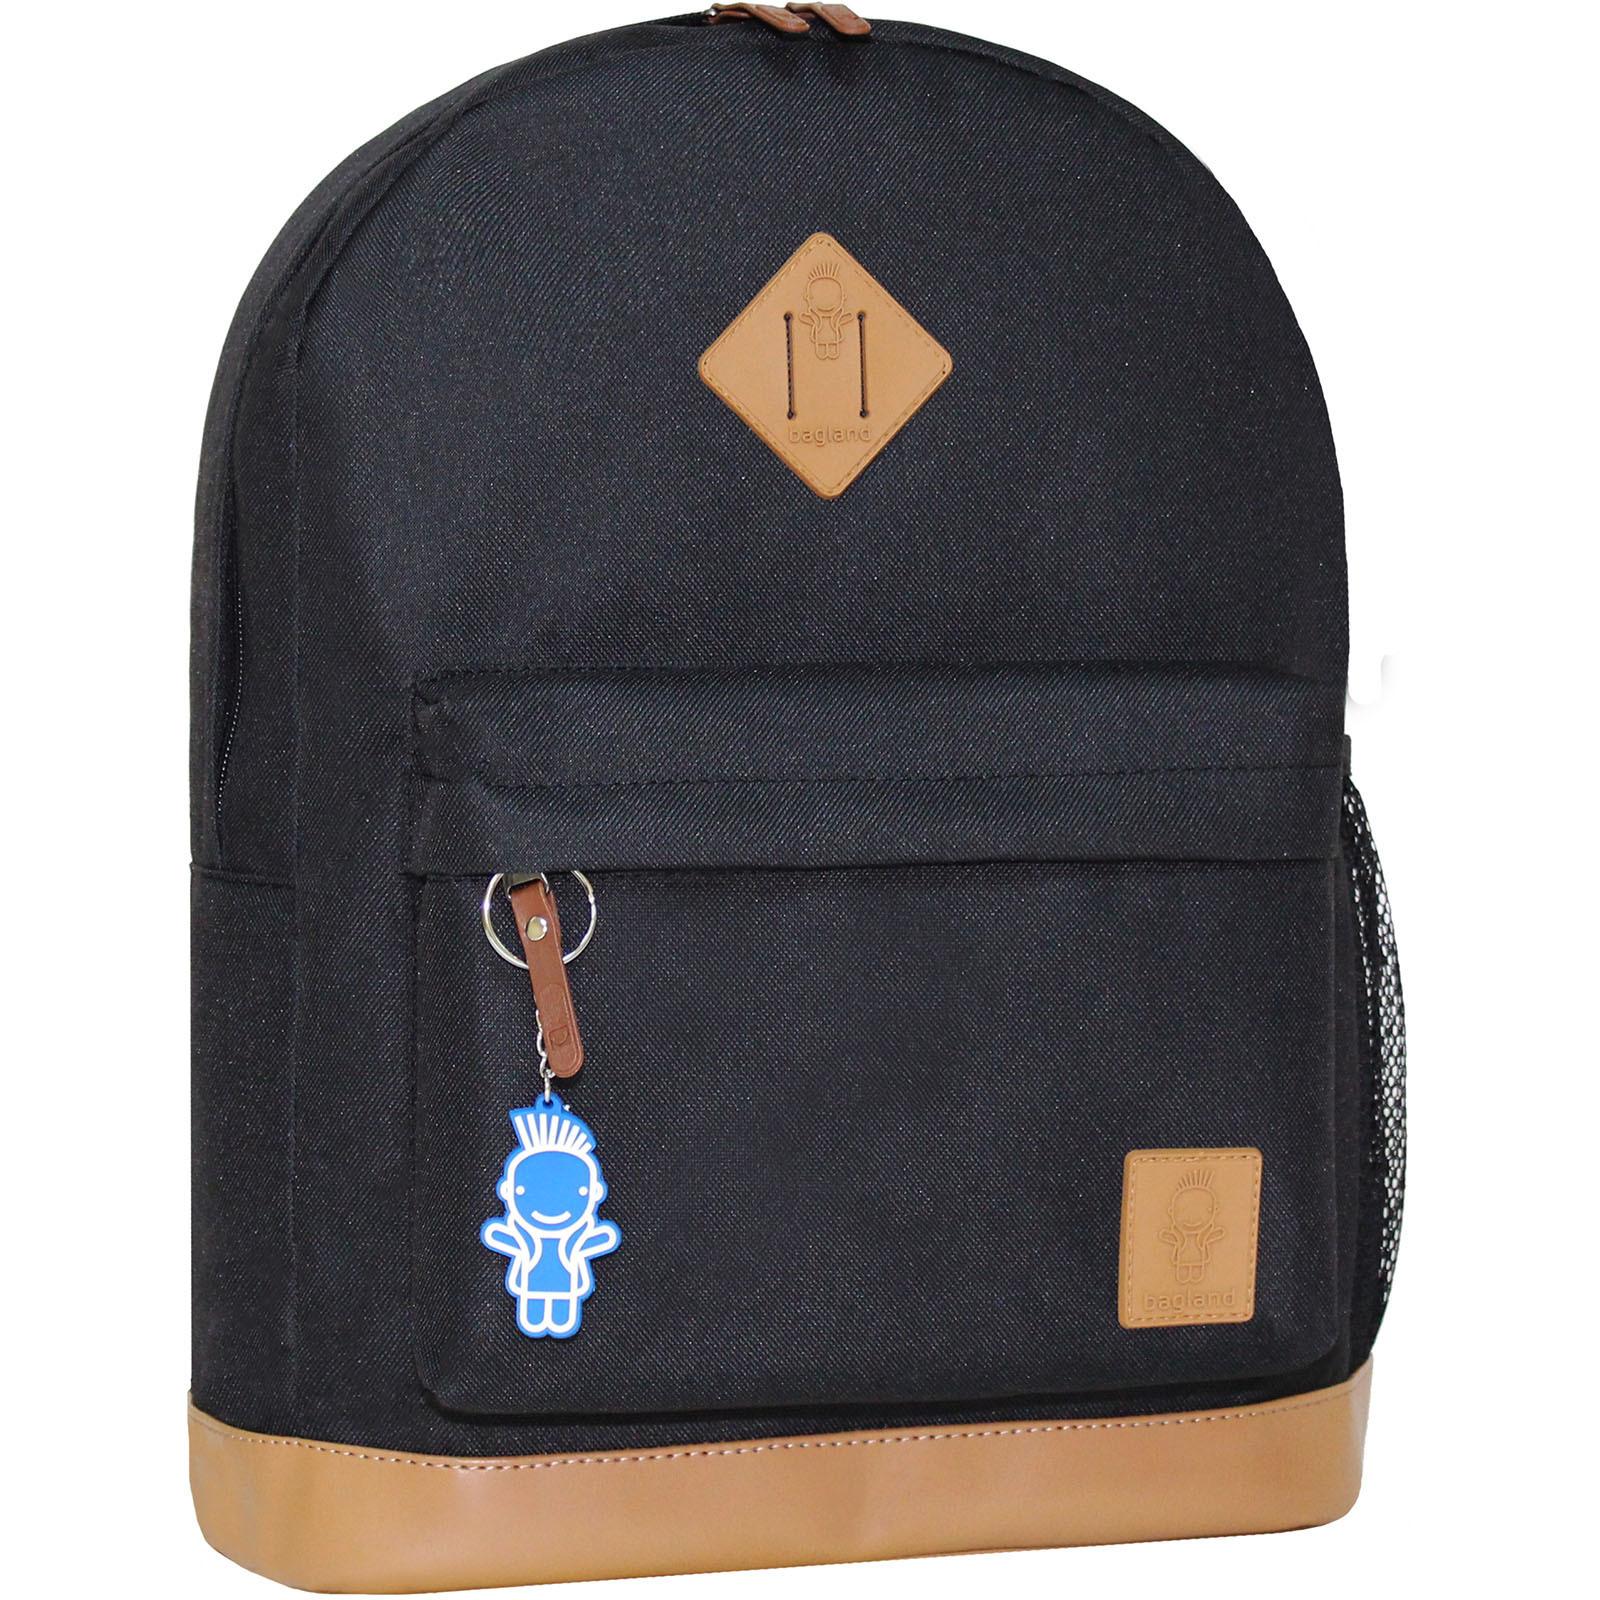 Городские рюкзаки Рюкзак Bagland Молодежный (кожзам) 17 л. Чёрный (00533663) IMG_3916.JPG